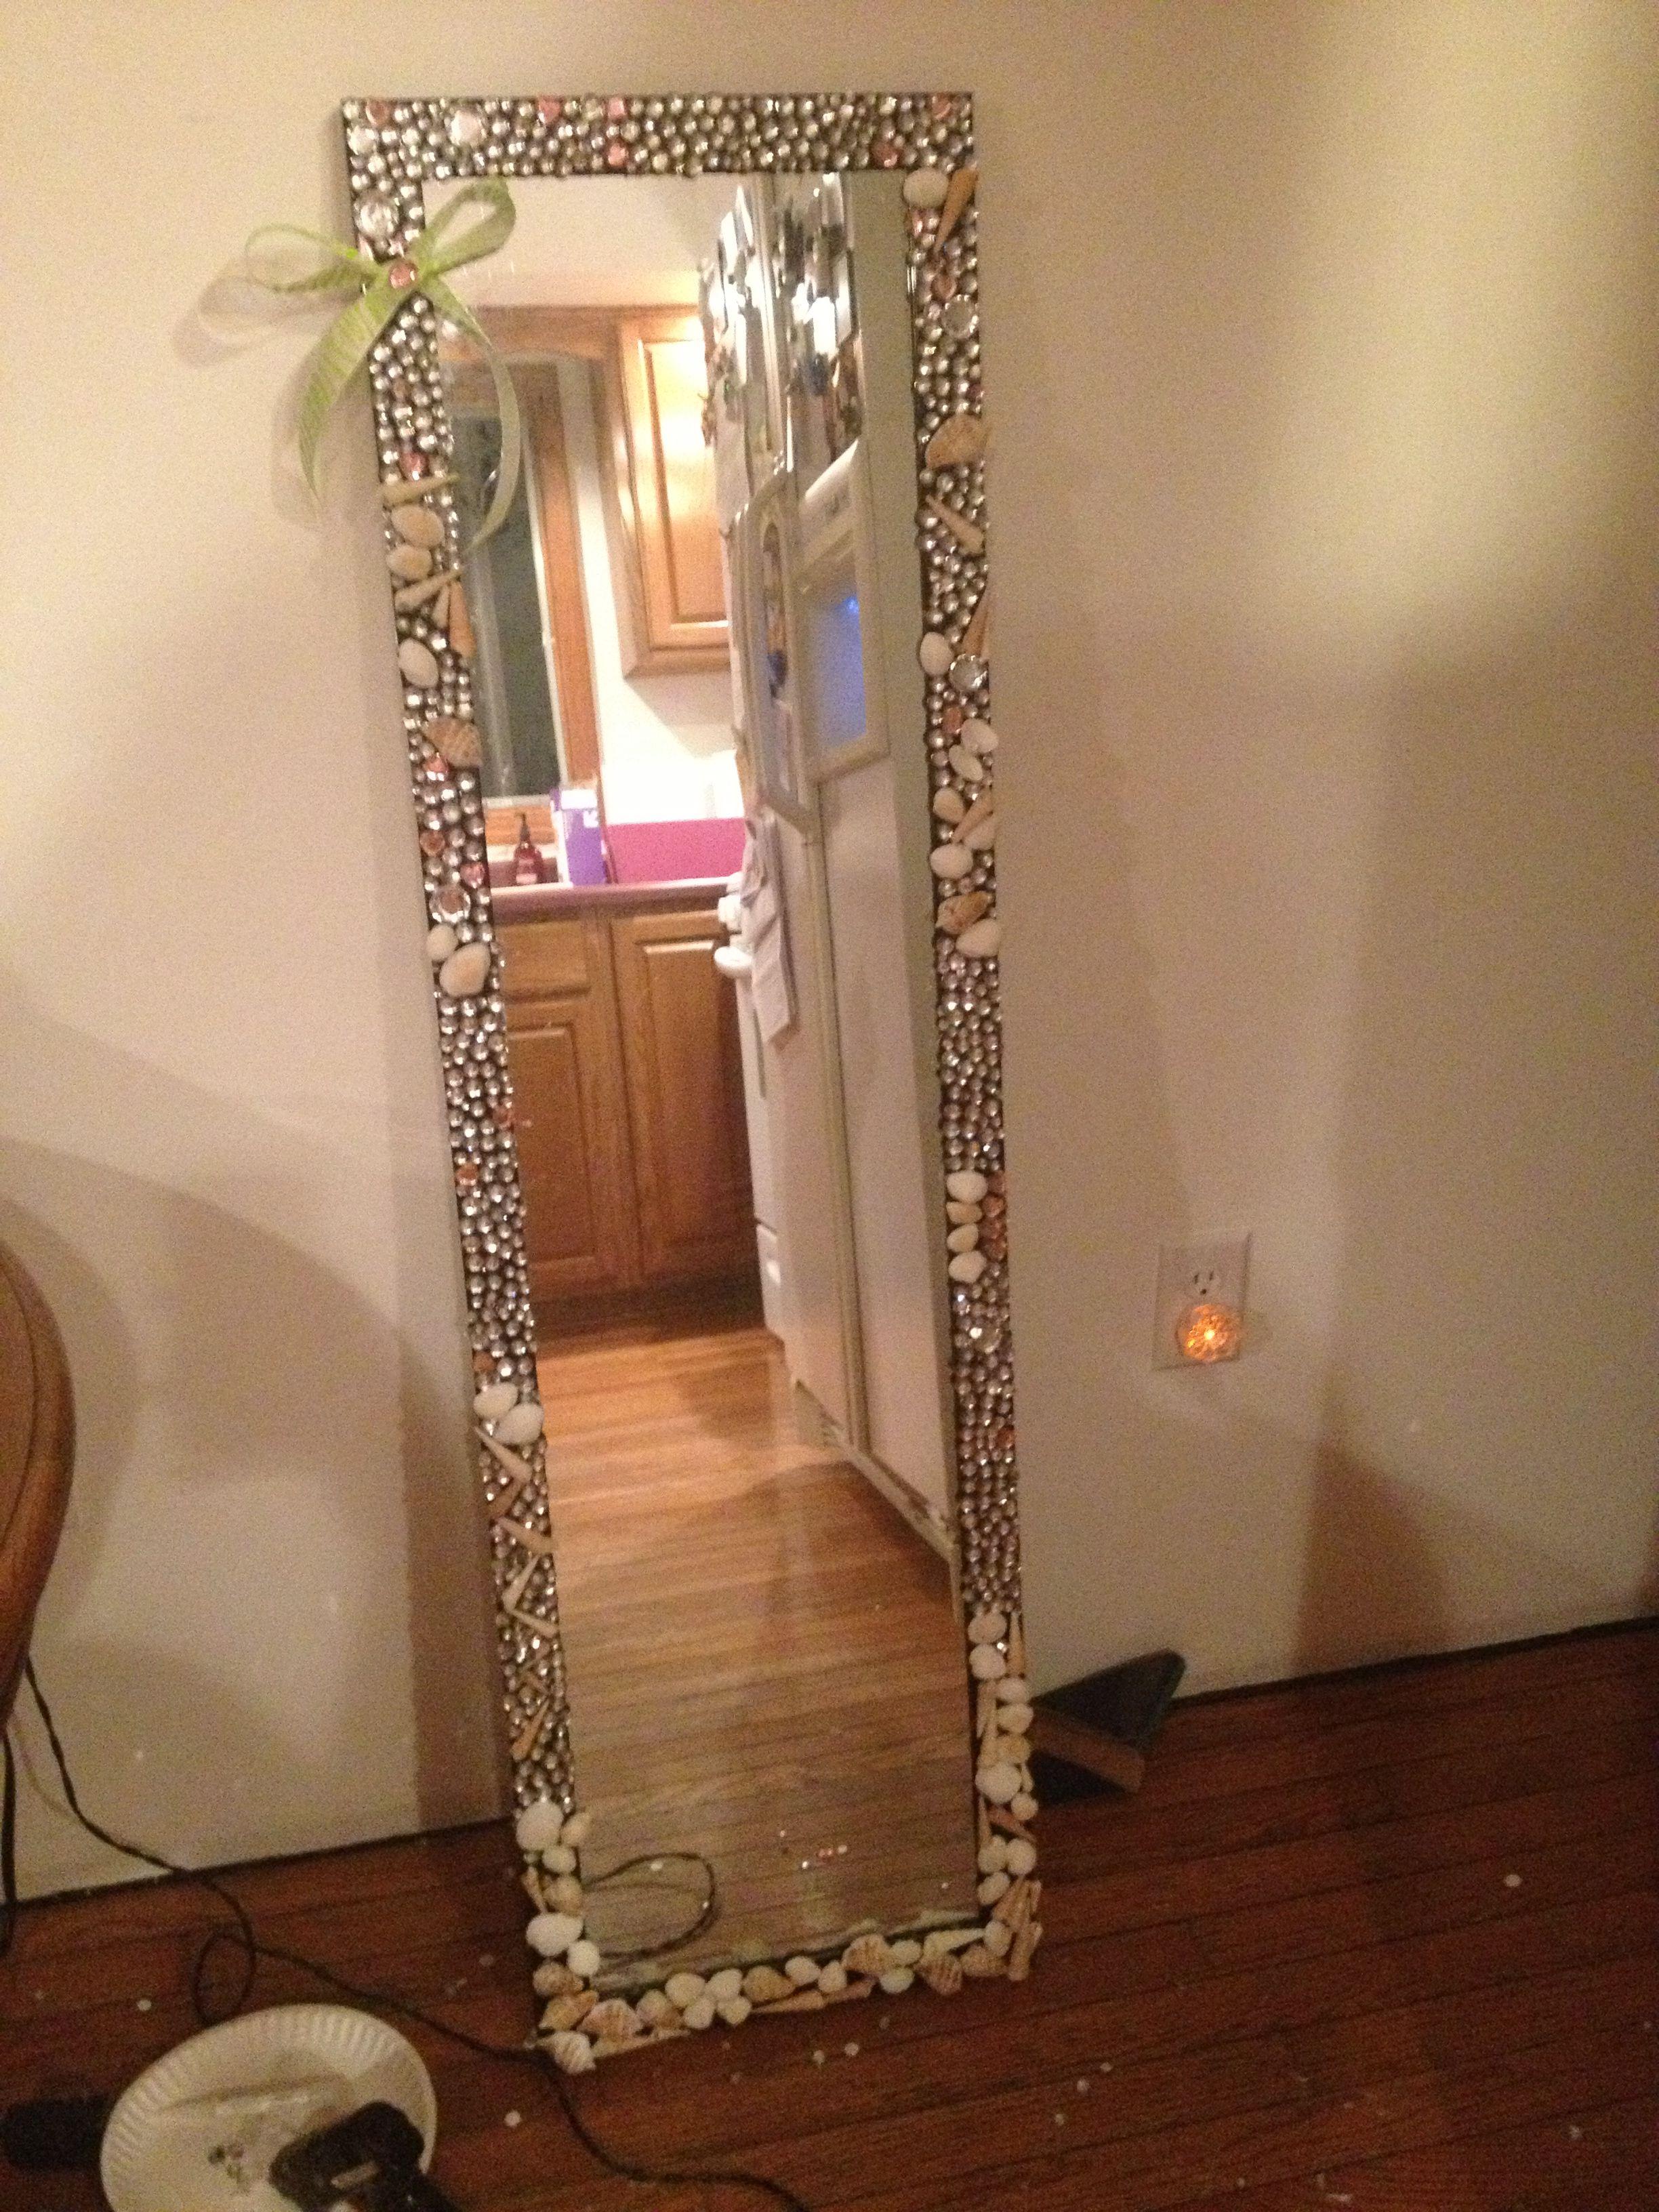 Bedazzled Mirror Diy Mirror Diy Room Decor Room Diy